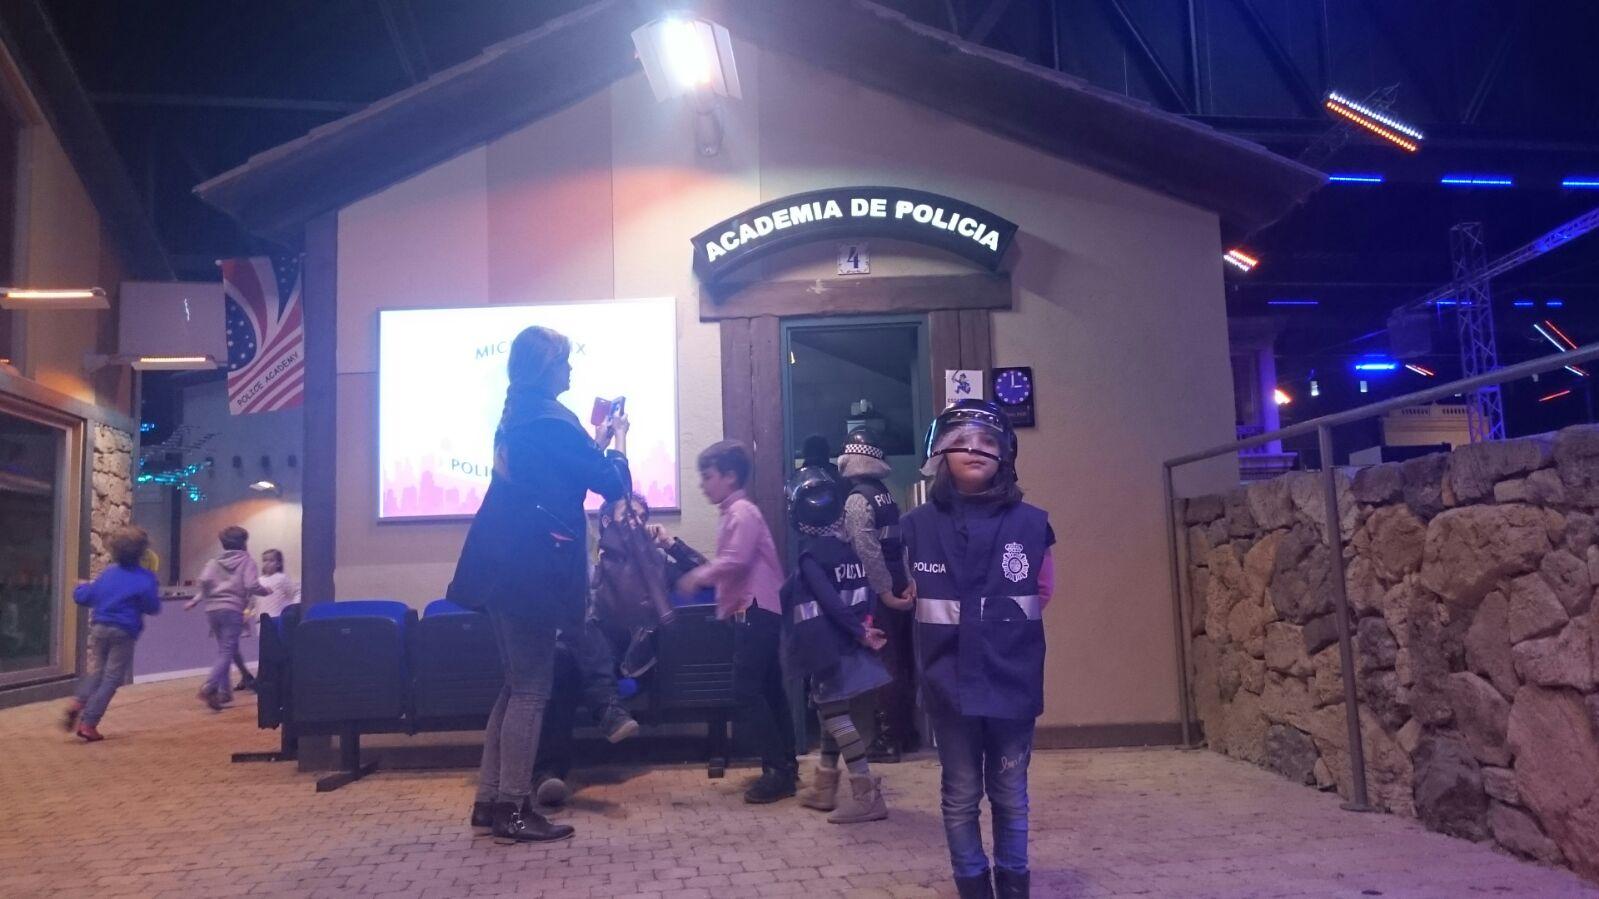 Terminando la instrucción de policía en Micrópolix. ©J.R.Aguirre